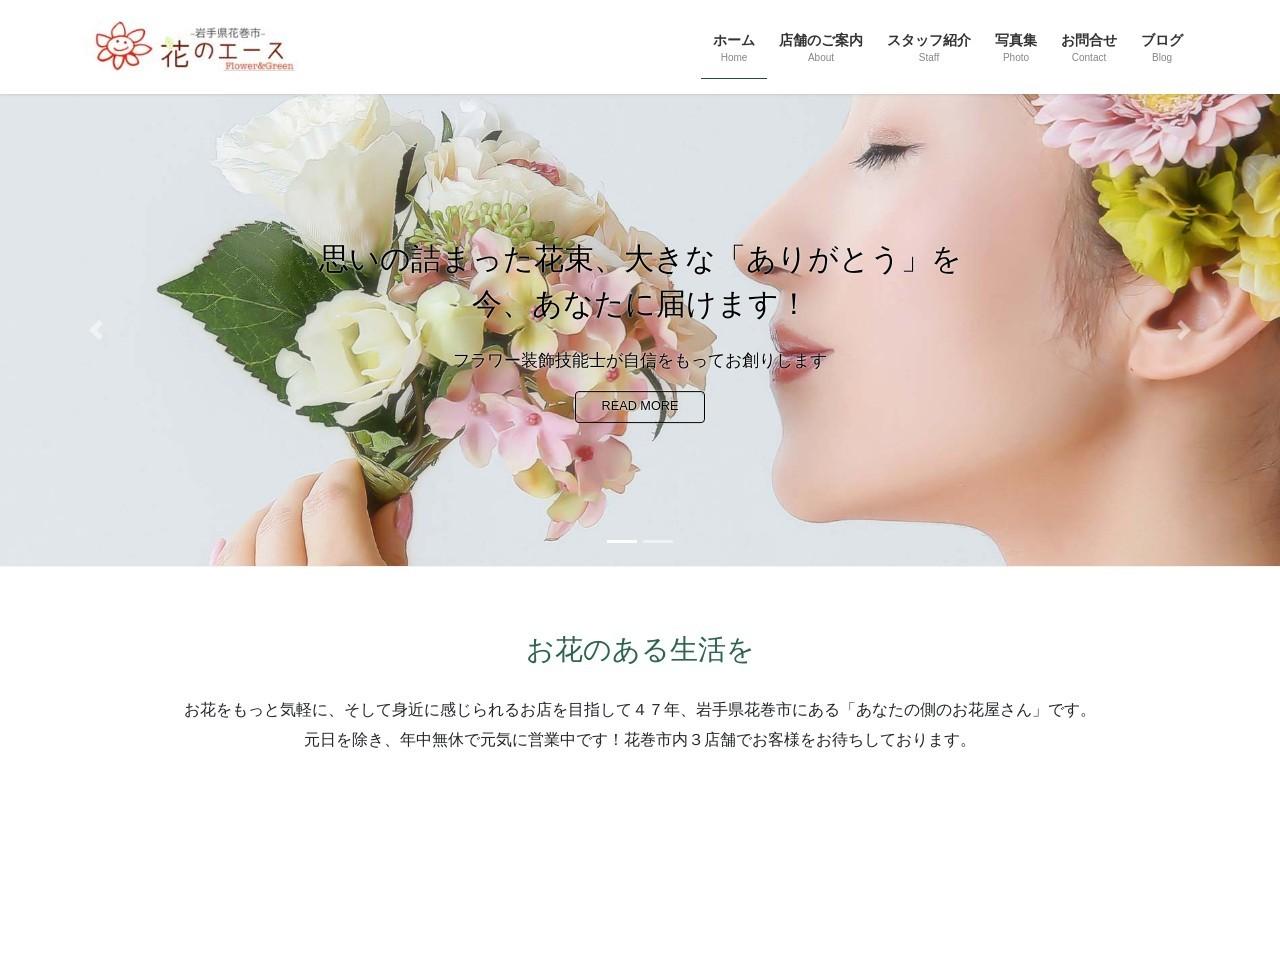 有限会社花のエース石鳥谷生花店